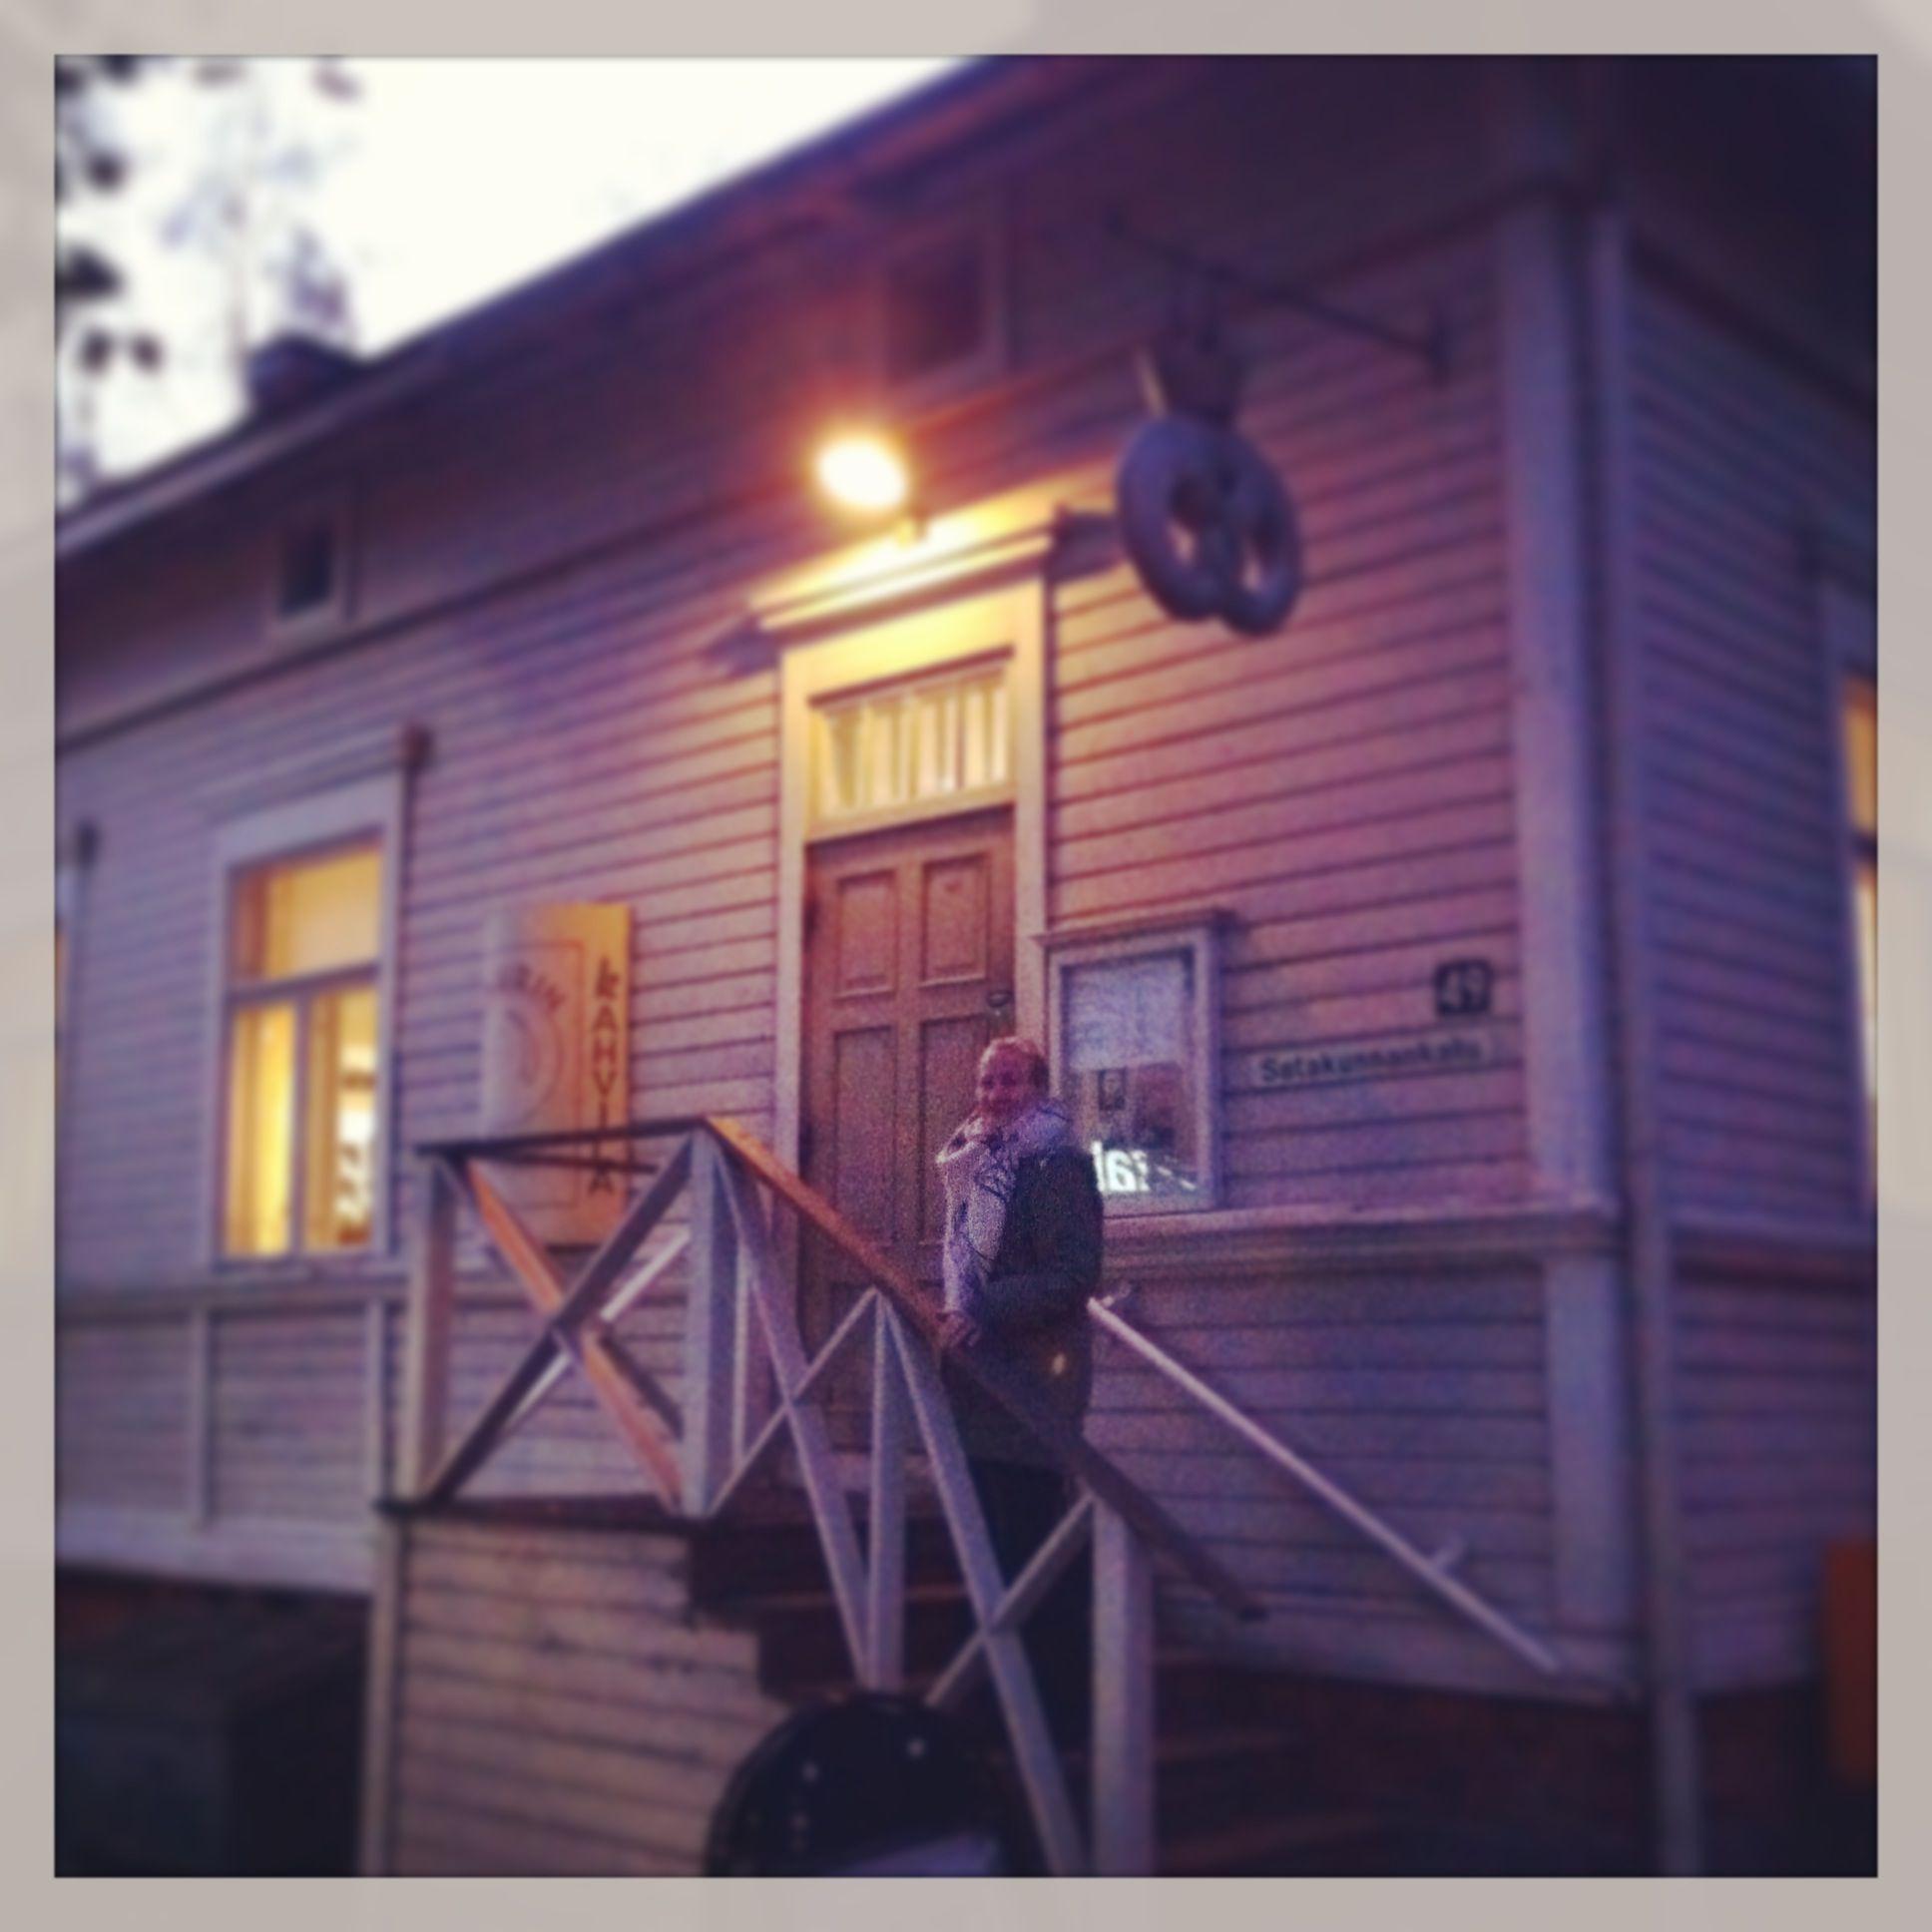 Tampereen kaupunki Amurin työläismuseokortteli